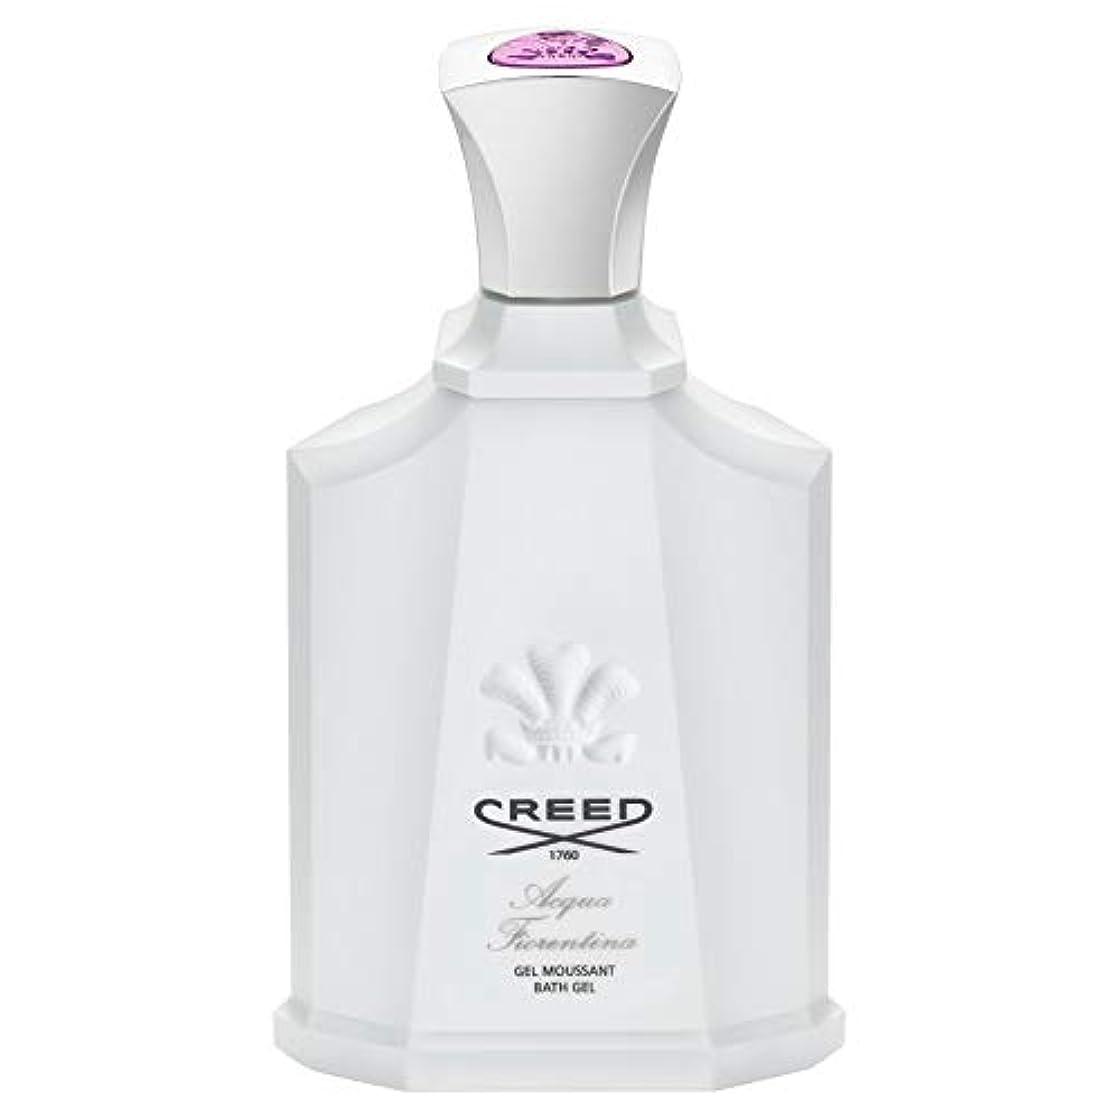 錆び不十分スティーブンソン[CREED] 信条アクアフィオレンティーナシャワージェル200Ml - Creed Acqua Fiorentina Shower Gel 200ml [並行輸入品]